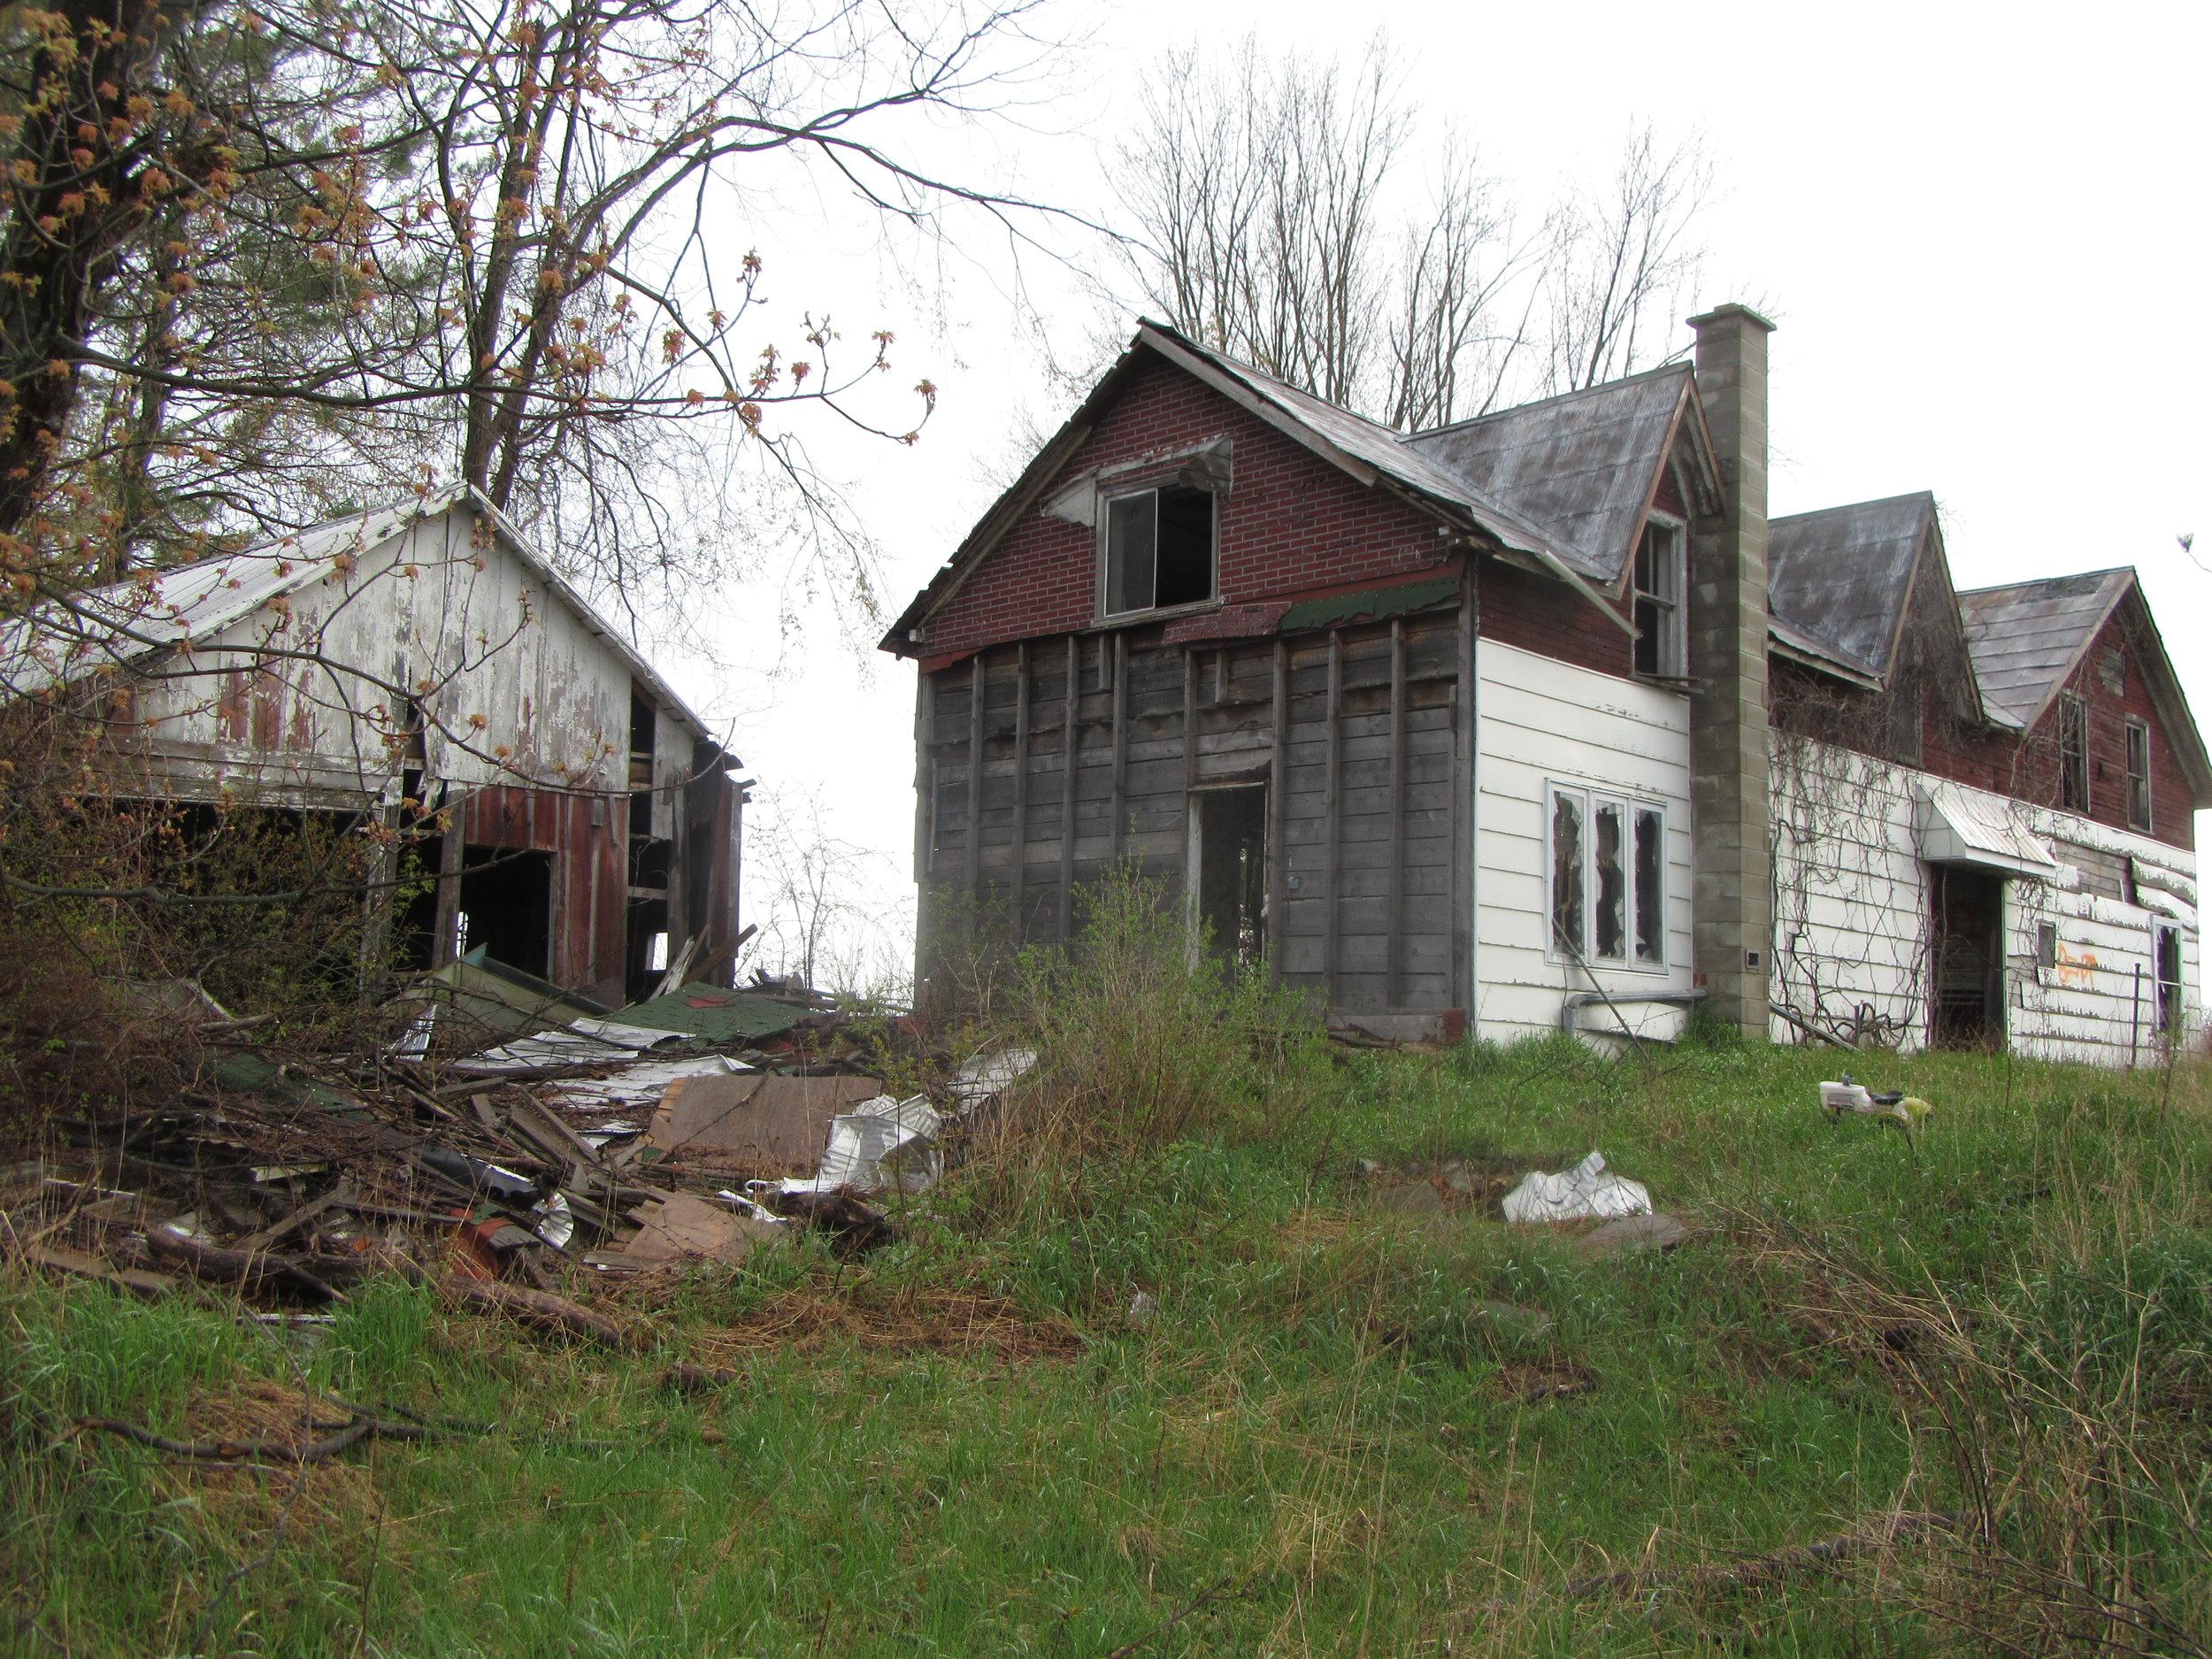 Rockdale Steenburgh property 1 (1).JPG